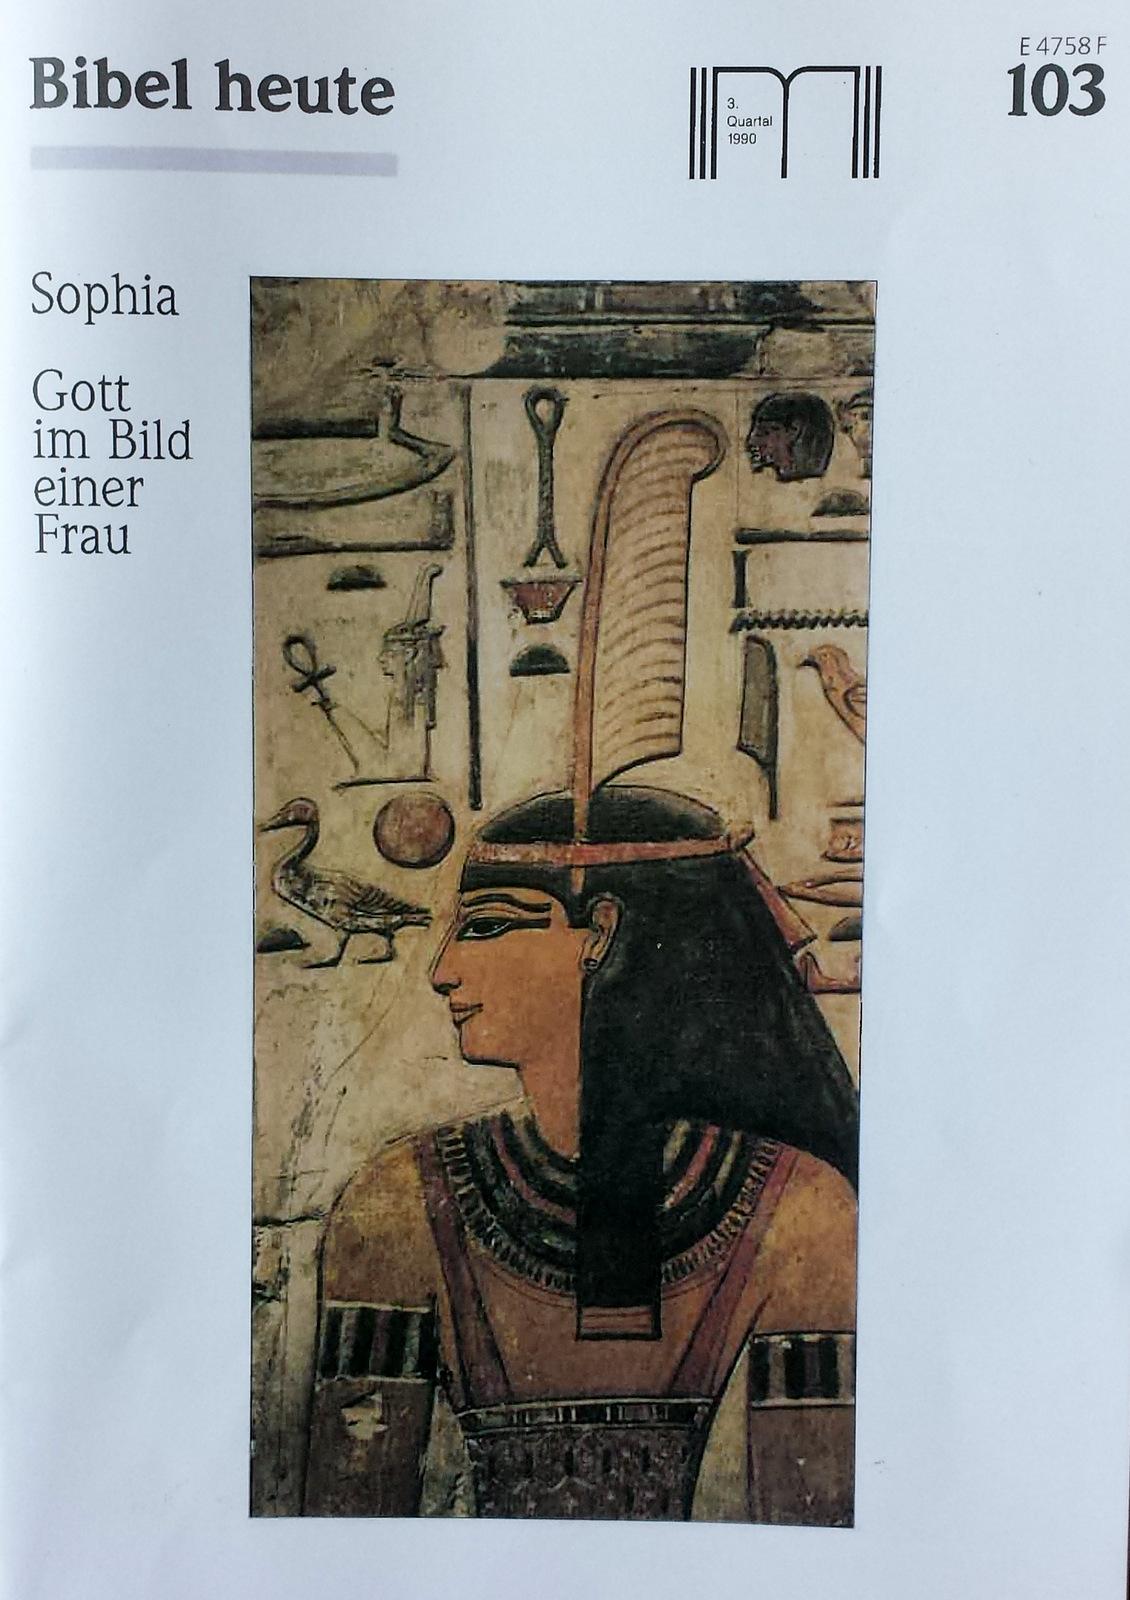 Bibel heute Sophia Gott im Bild einer Frau